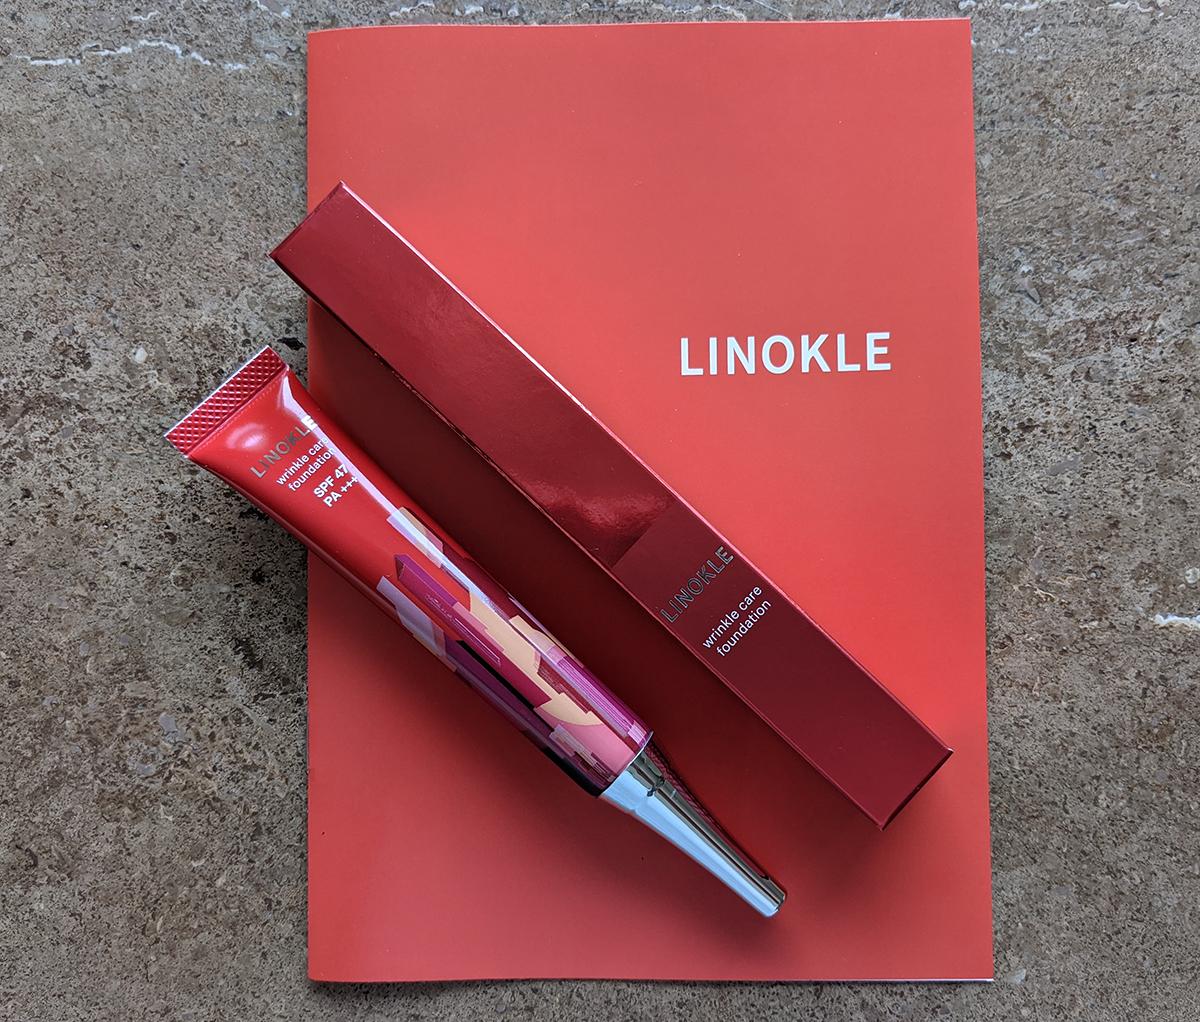 リンクルケアファンデーション】 LINOKLE(リノクル)